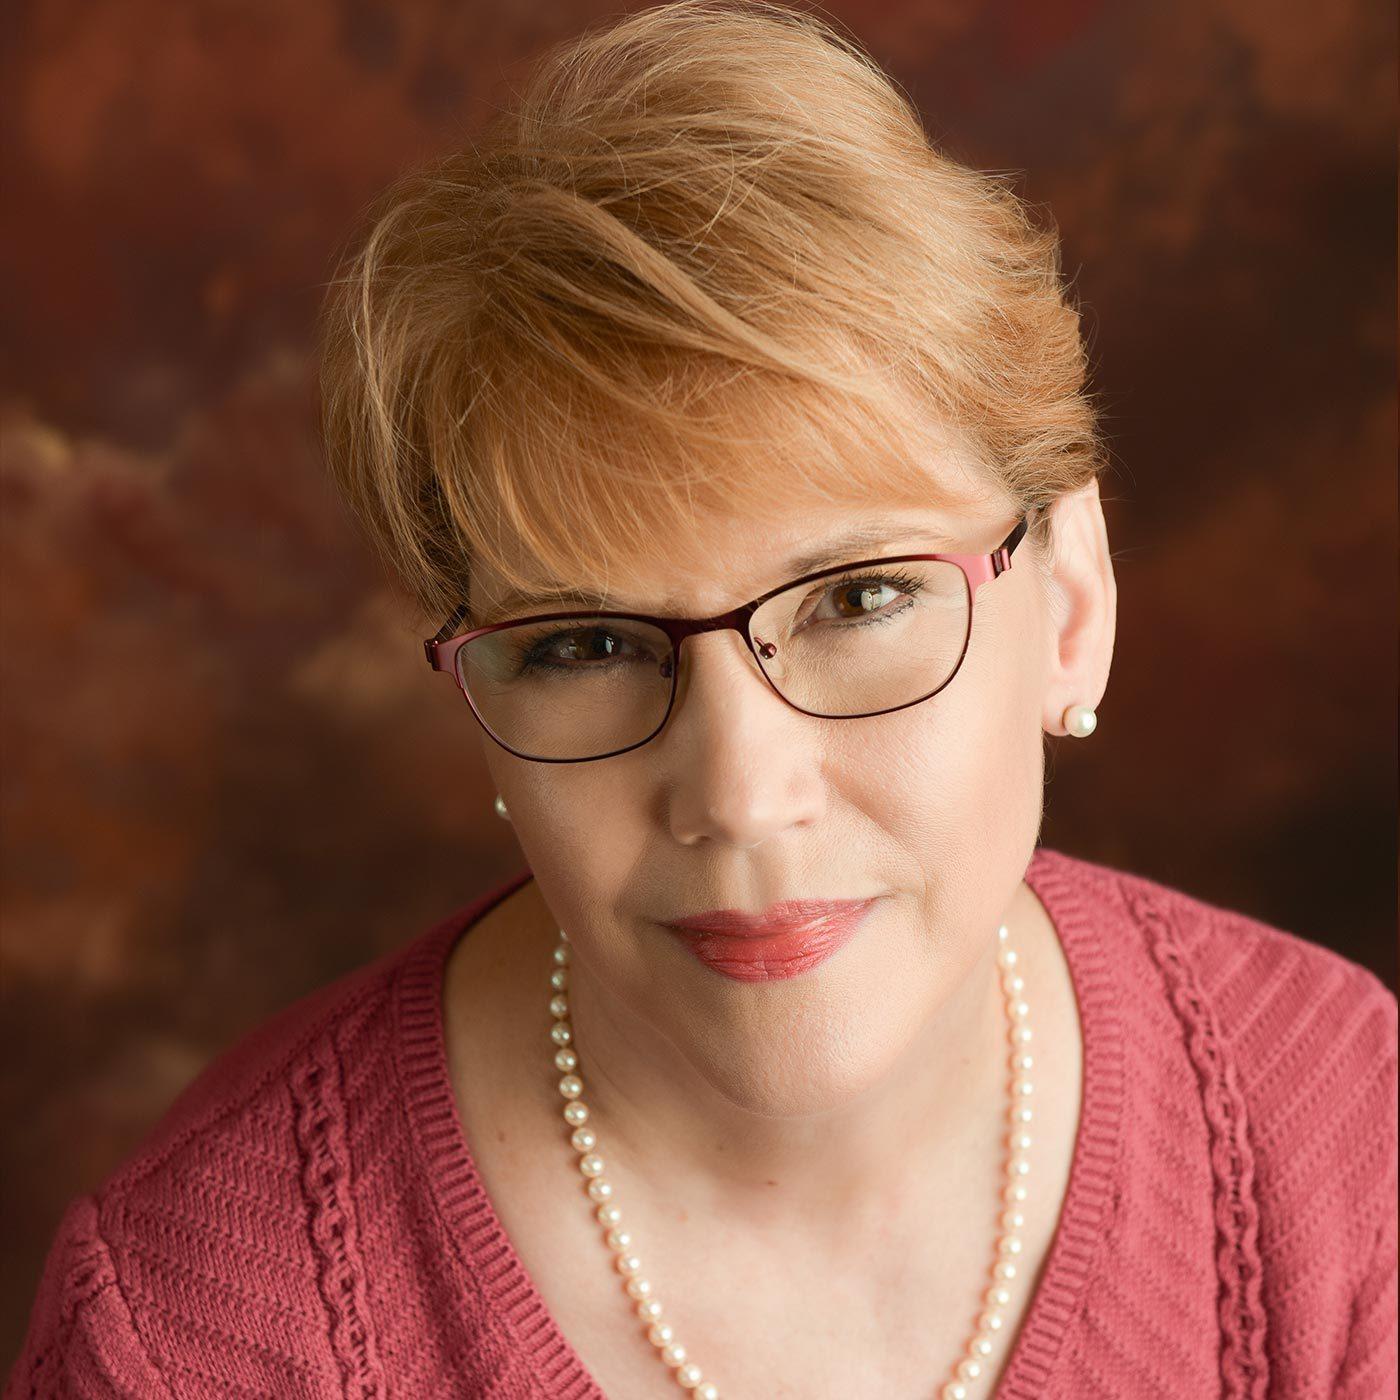 Nanda Kirkpatrick